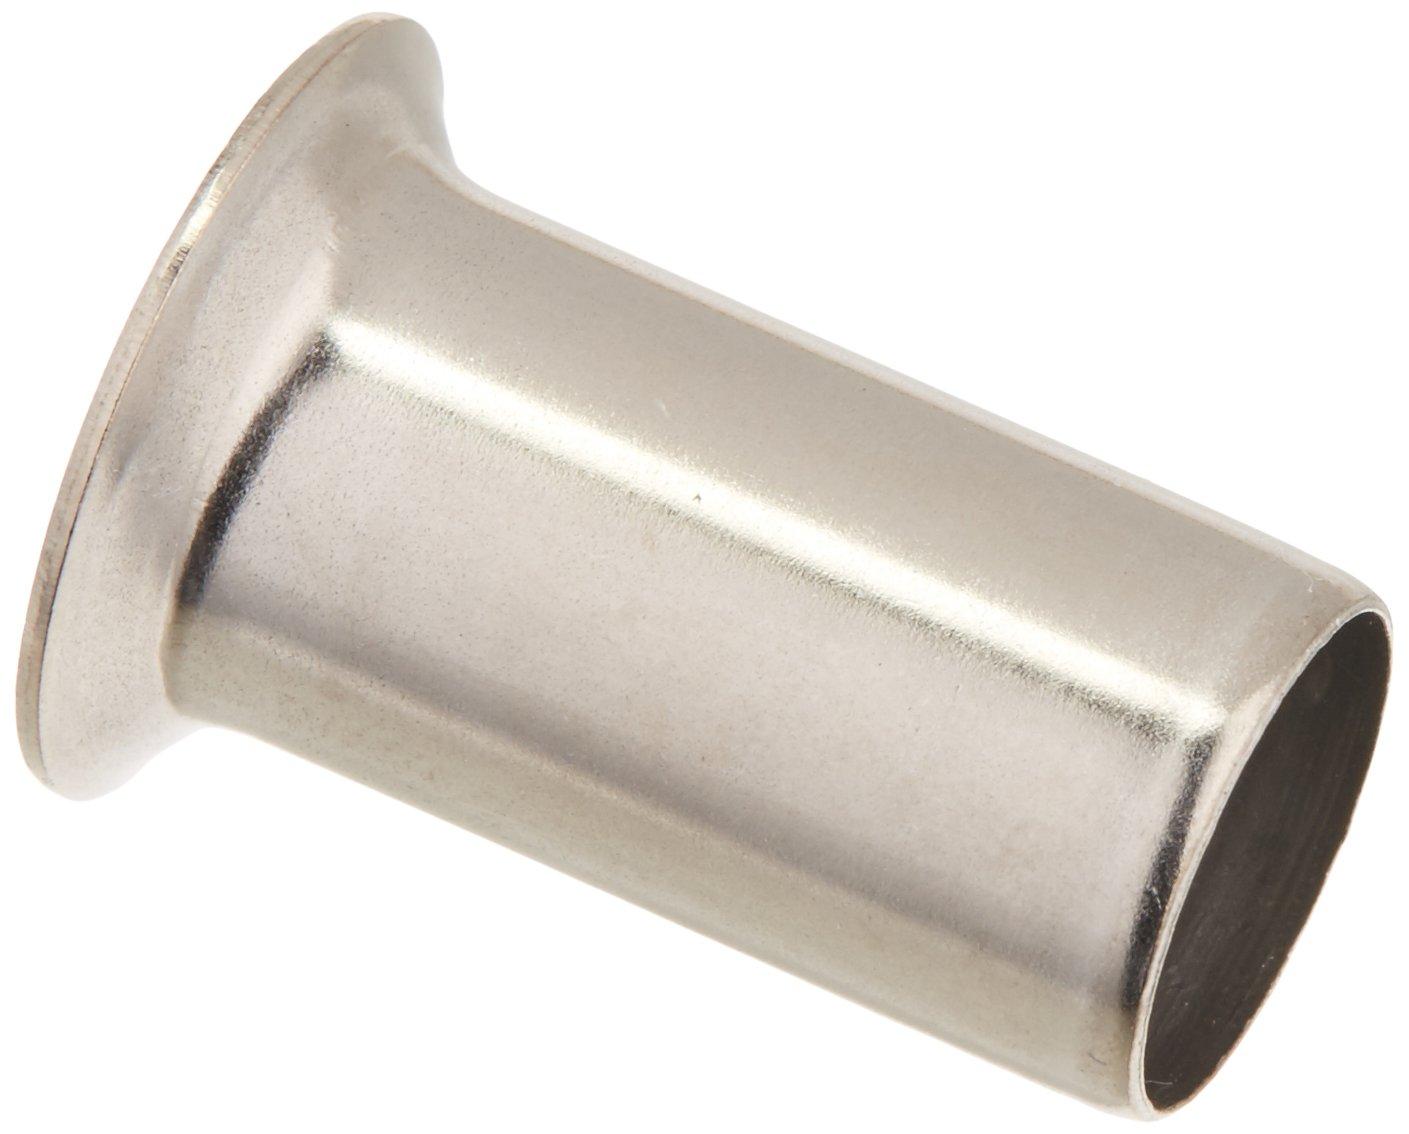 Stainless Steel Pack of 5 Parker Hannifin 63NTA-10-pk5 Air Brake-NTA Insert for 5//8 Tube